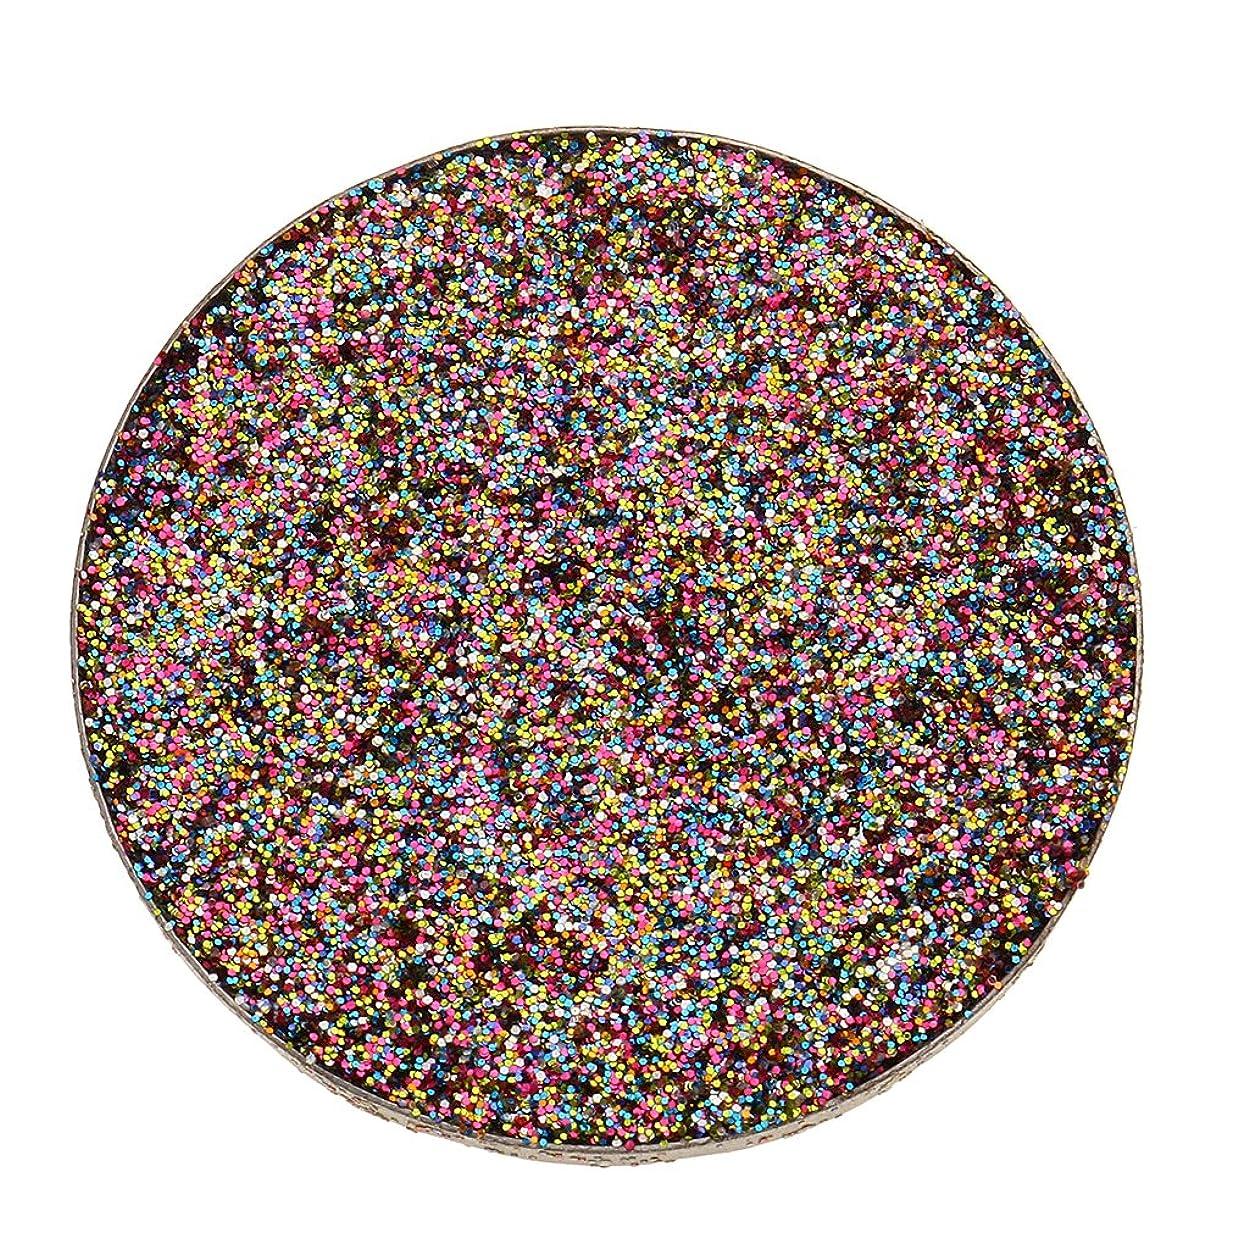 したがって立場仮定するDYNWAVE 全5色 ダイヤモンド キラキラ シマー メイクアップ アイシャドウ 顔料 長持ち 滑らか - マルチ